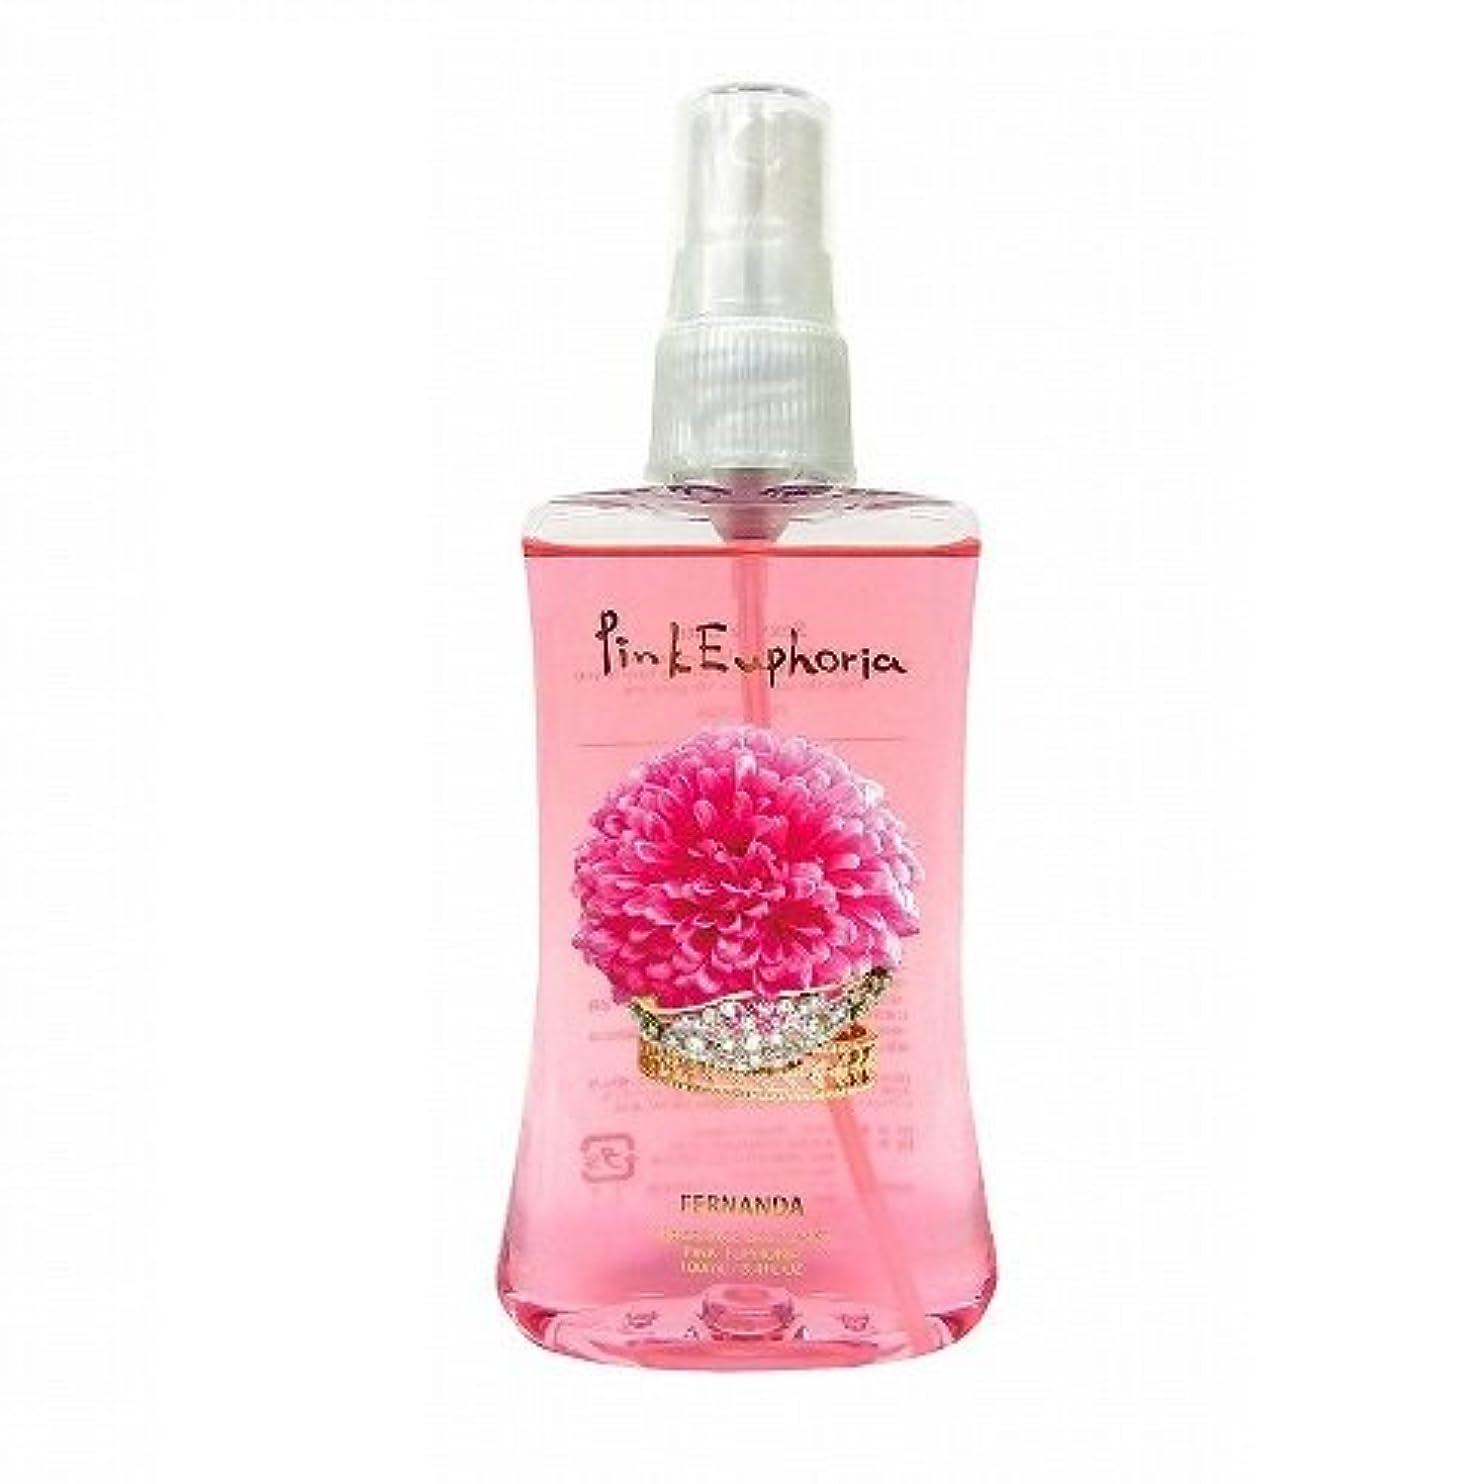 クック優れました日没FERNANDA(フェルナンダ) Body Mist Pink Euphoria (ボディミスト ピンクエウフォリア)